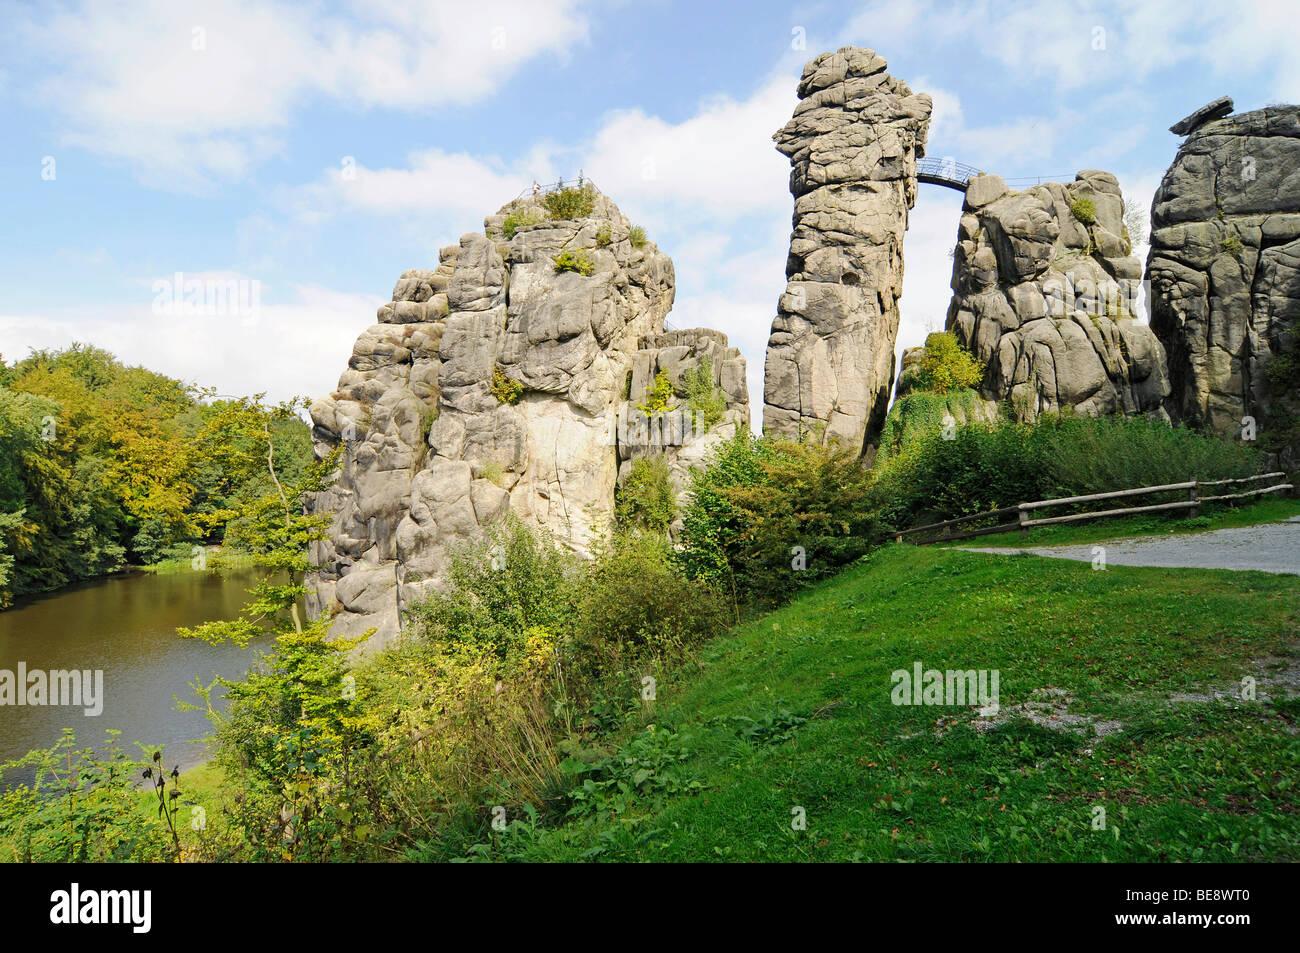 Horn Bad externsteine sandstone rock formation nature reserve horn bad